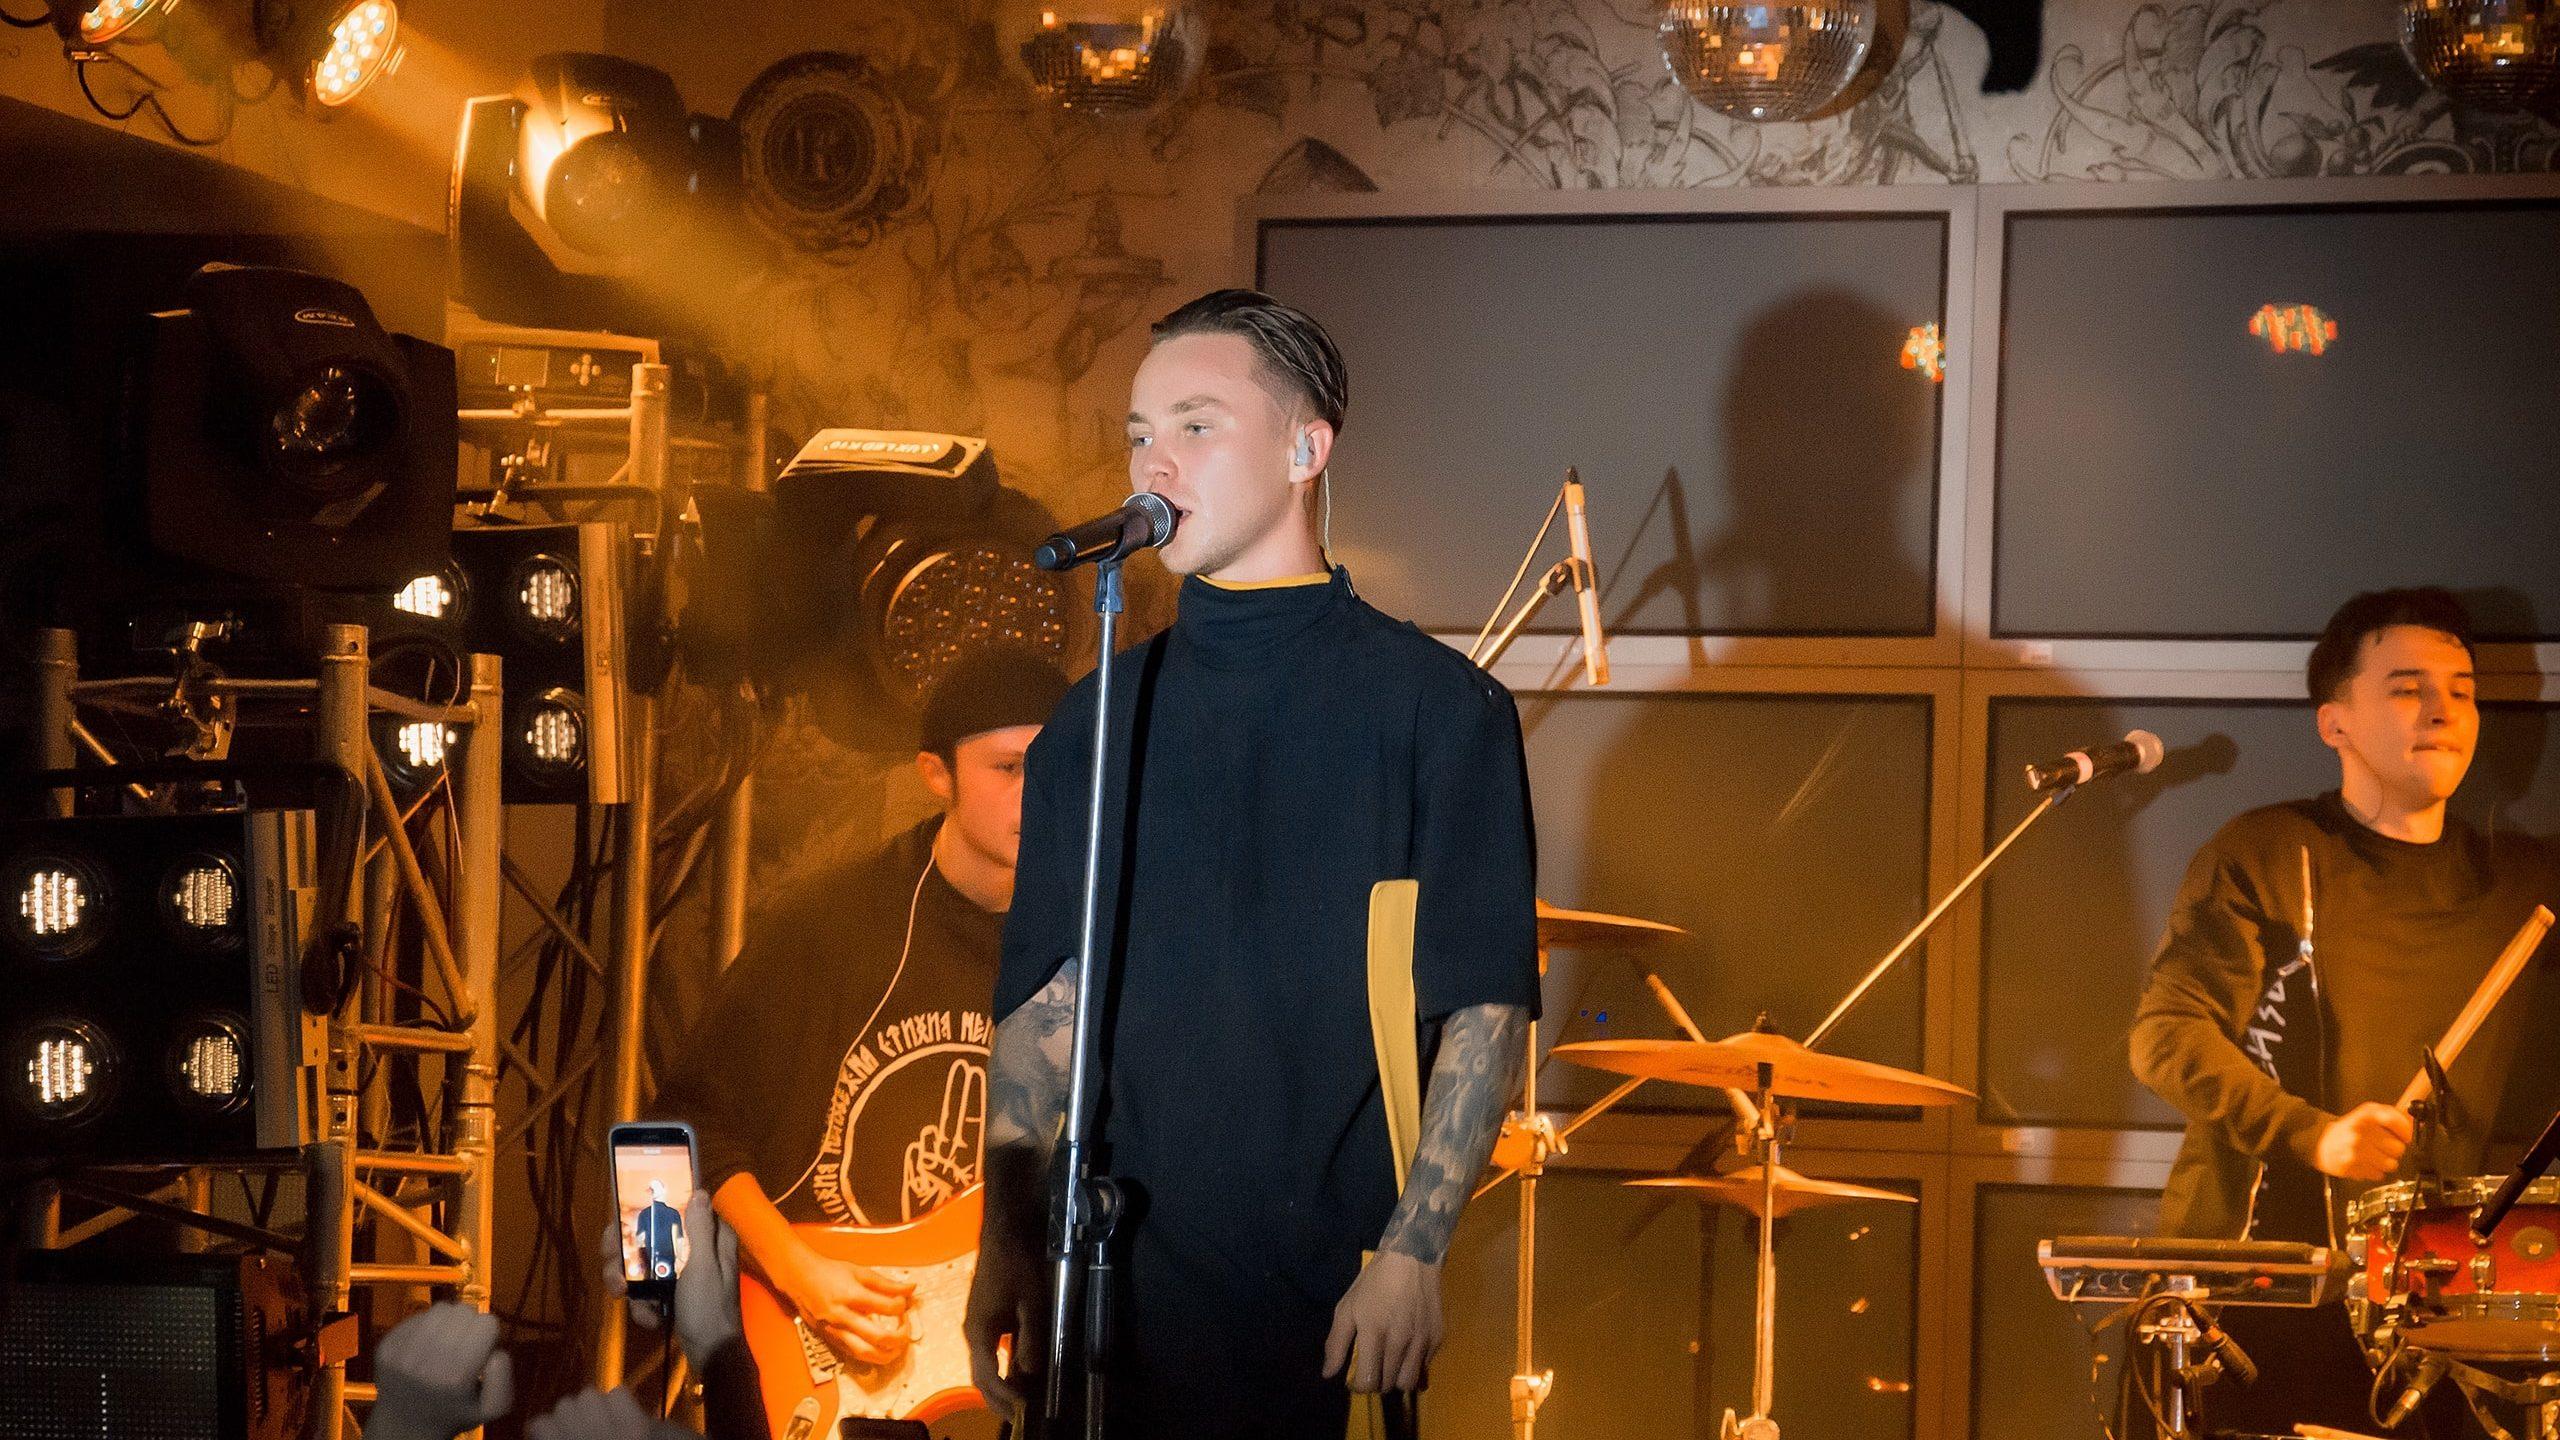 В Запорожье с новым экшн-шоу выступит популярный певец Артем Пивоваров